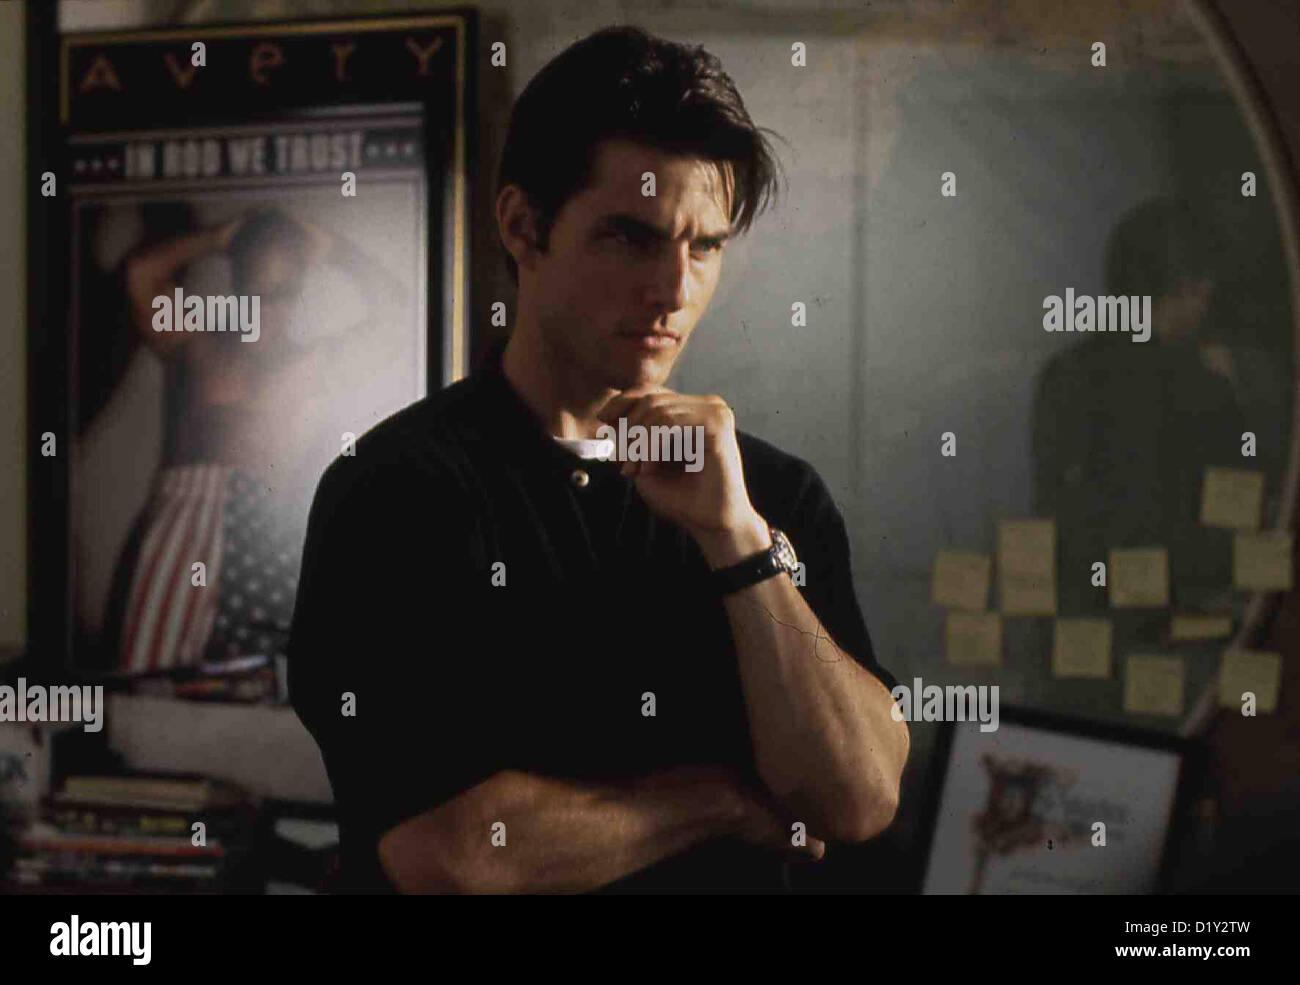 Jerry Maguire - Spiel Des Lebens  Jerry Maguire  Tom Cruise Jerry Maquire (Tom Cruise) hat als Sportagent eine steile Stock Photo